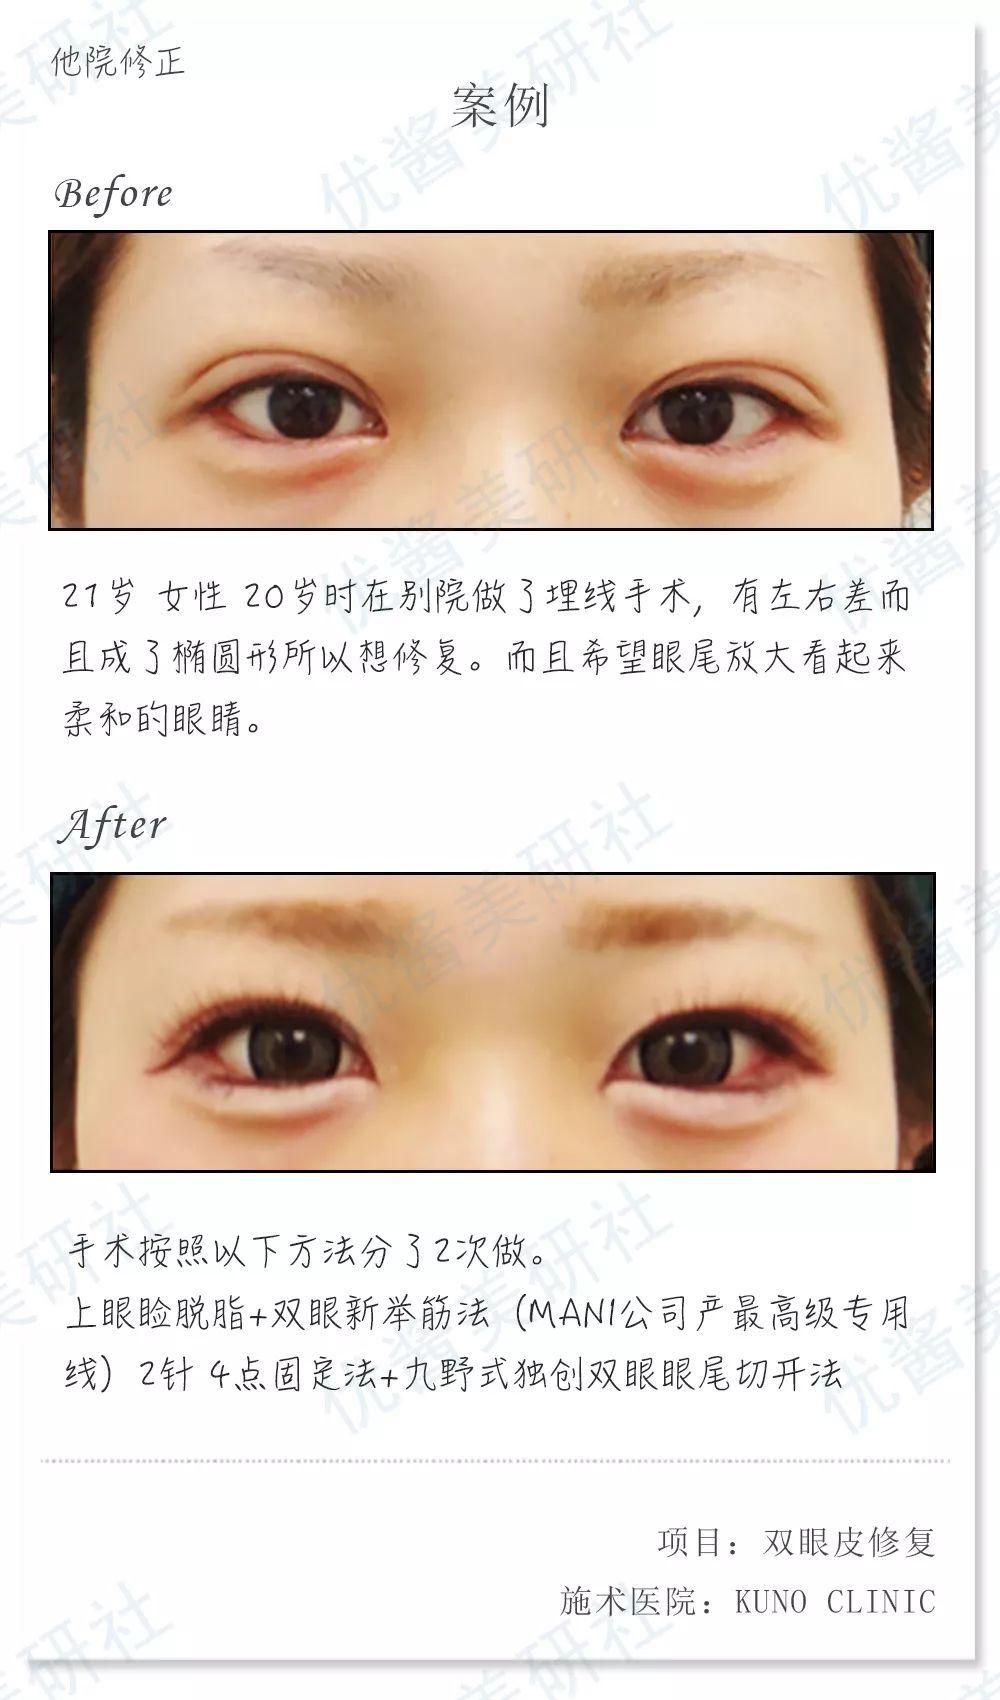 什么是眼睑下垂?如何治疗眼睑下垂?-手机名医汇